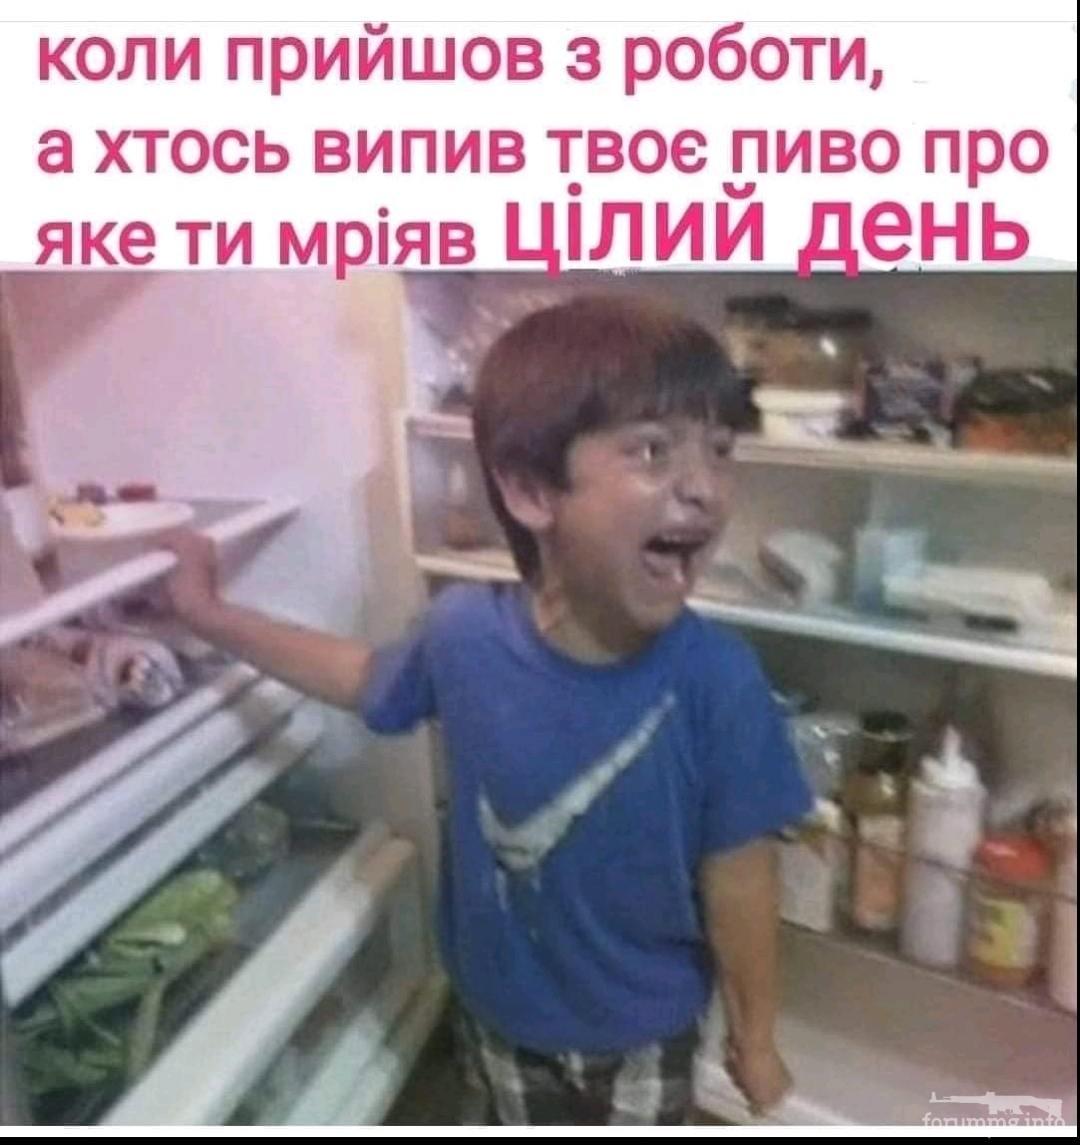 135971 - Пить или не пить? - пятничная алкогольная тема )))